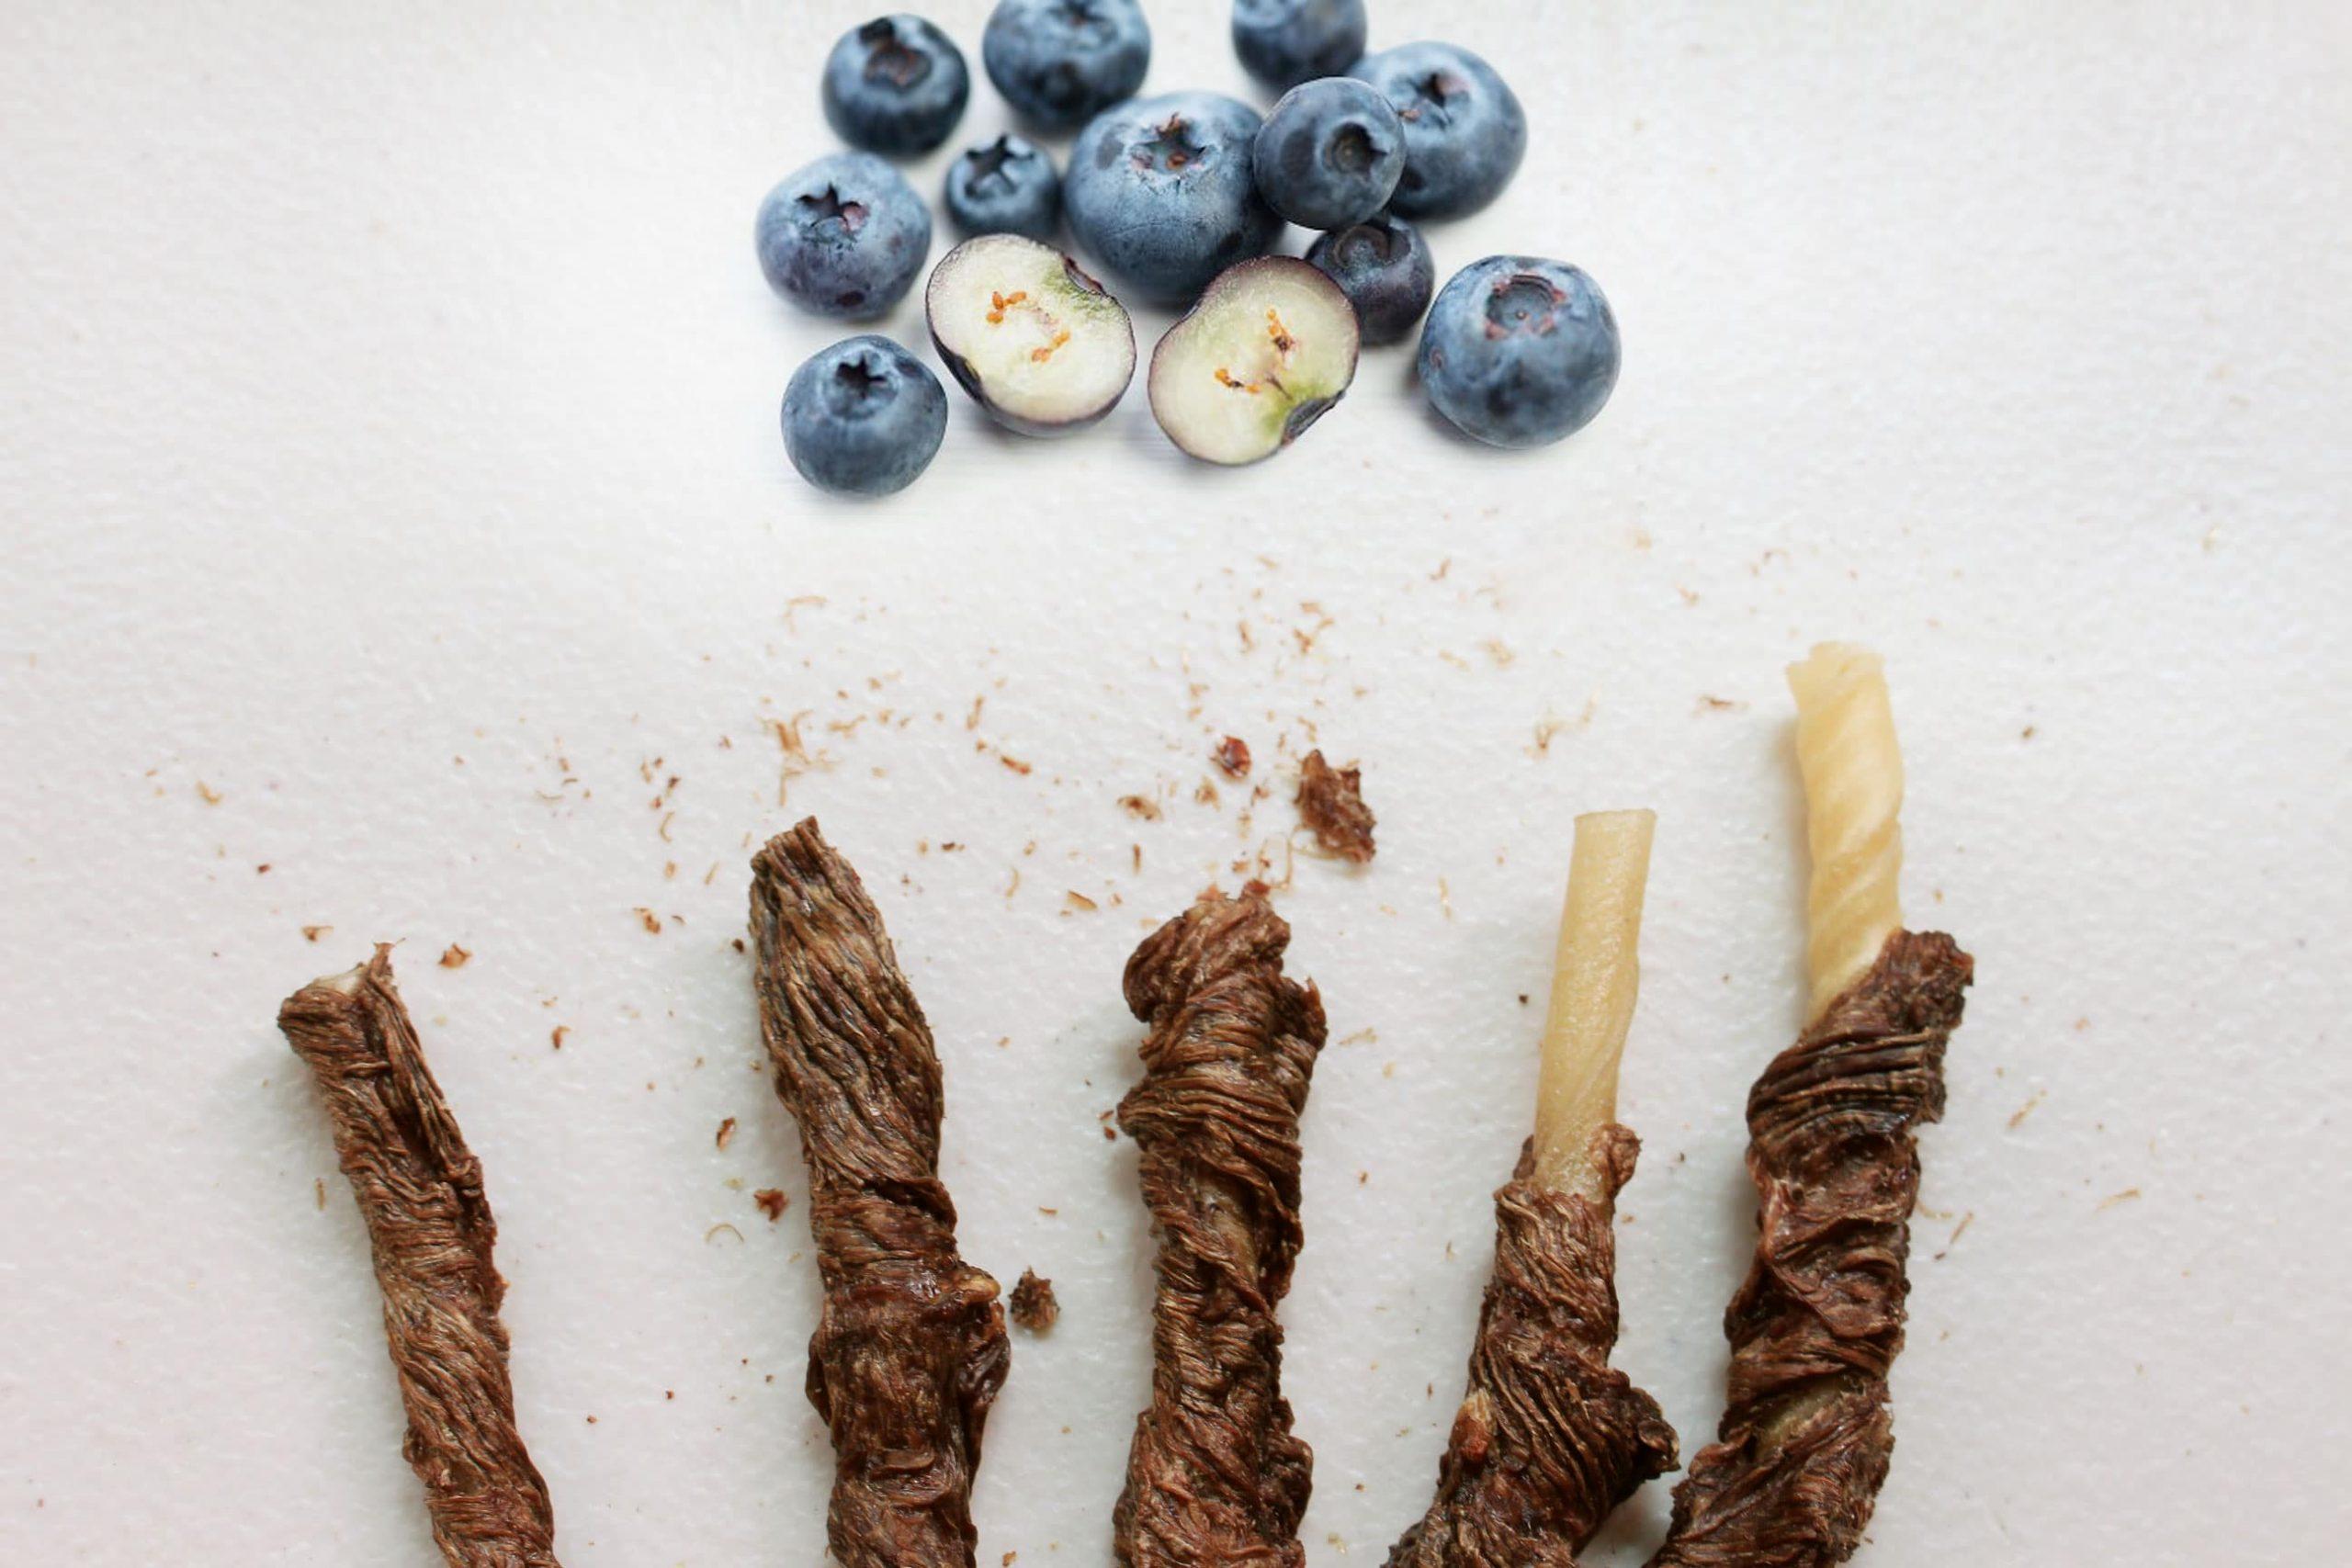 S5B2. 藍莓牛肉皮骨捲10支